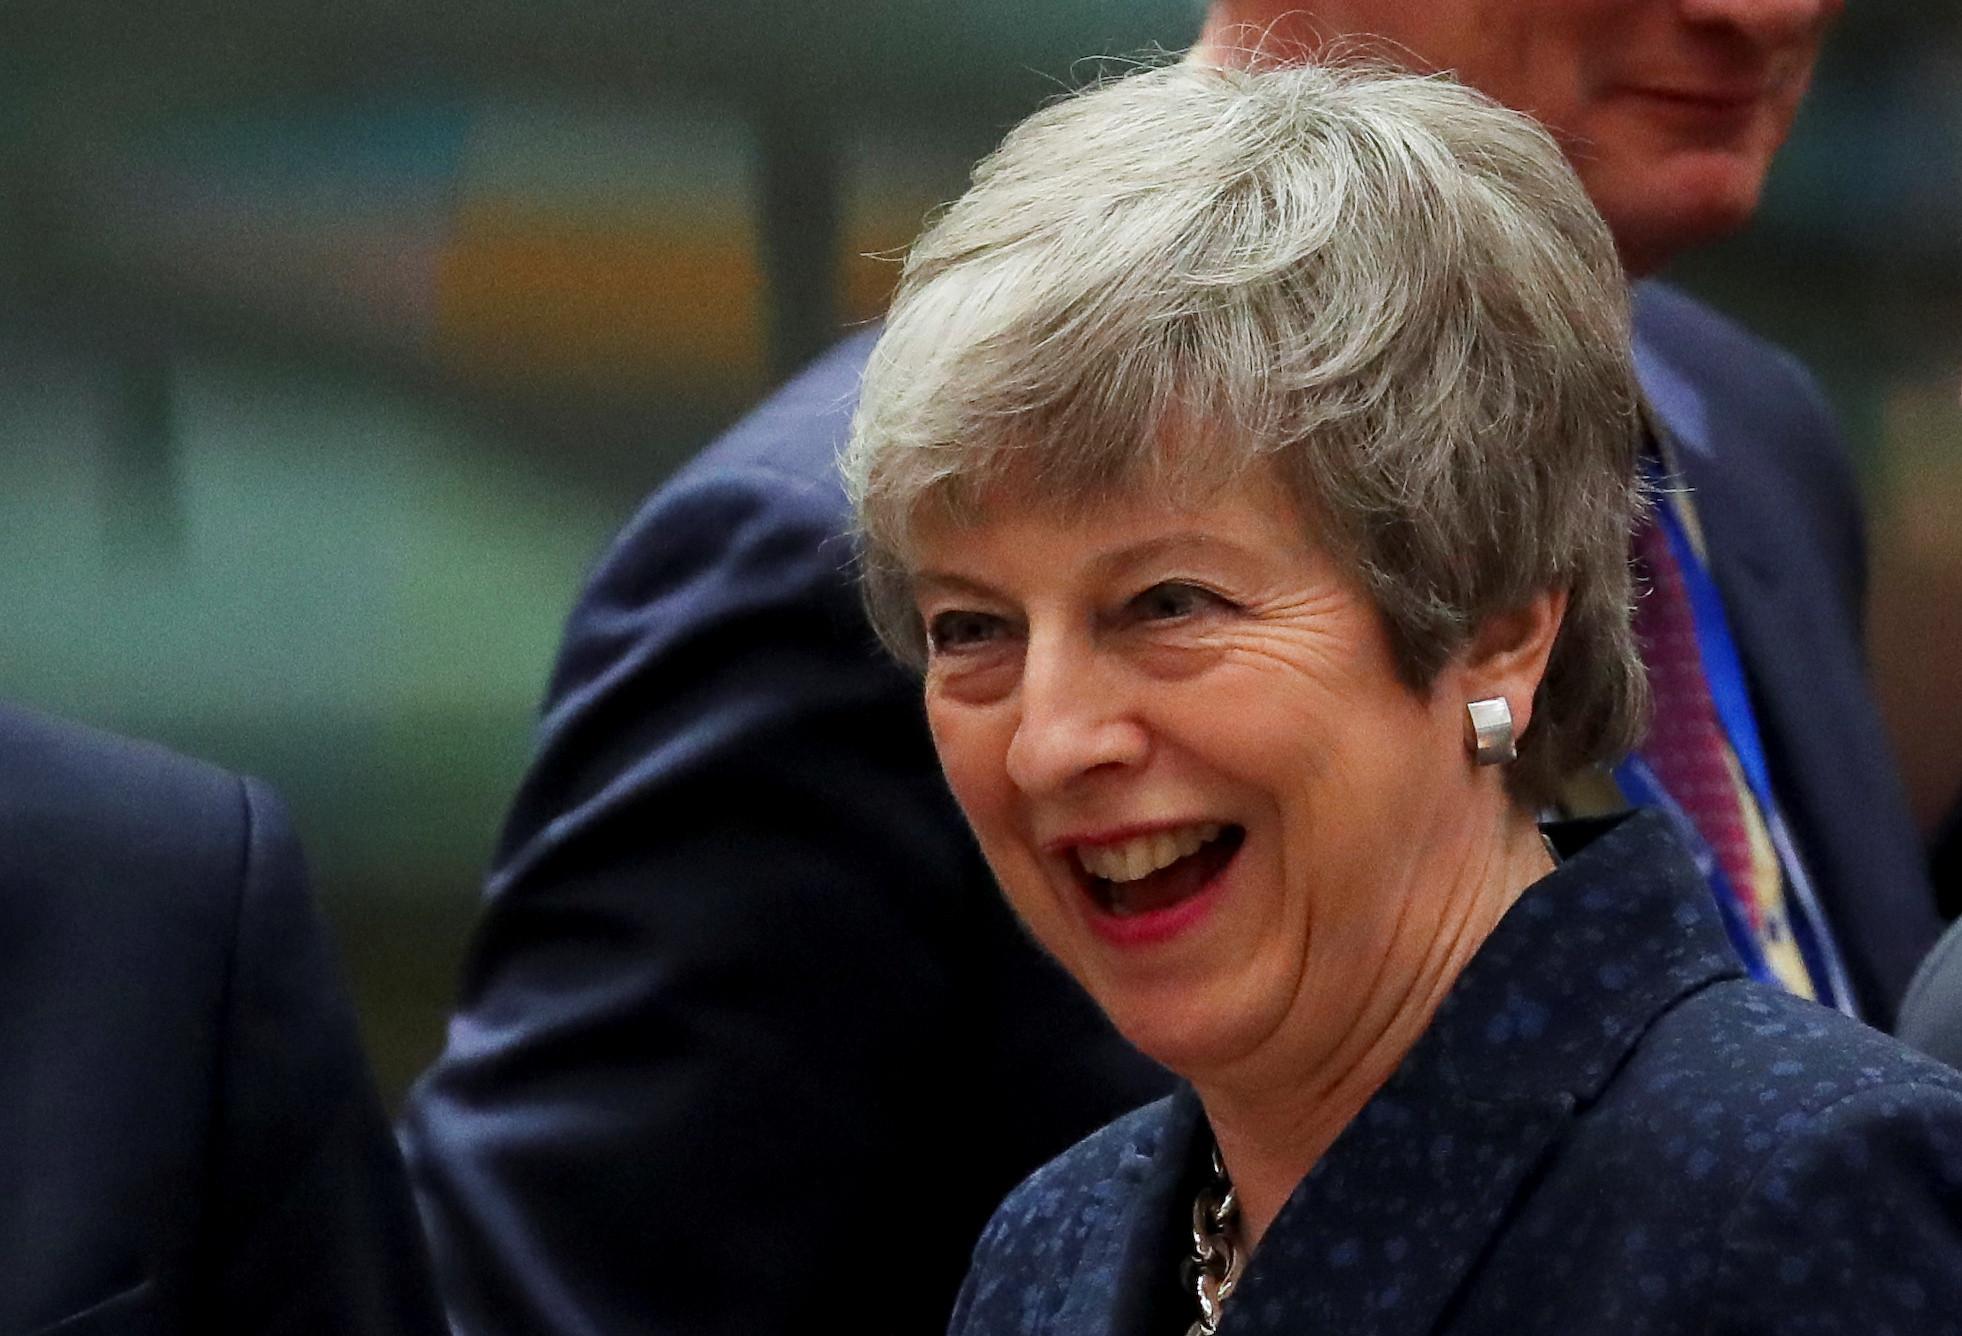 Petição para cancelar Brexit ganha 1 milhão de assinaturas em apenas 2h